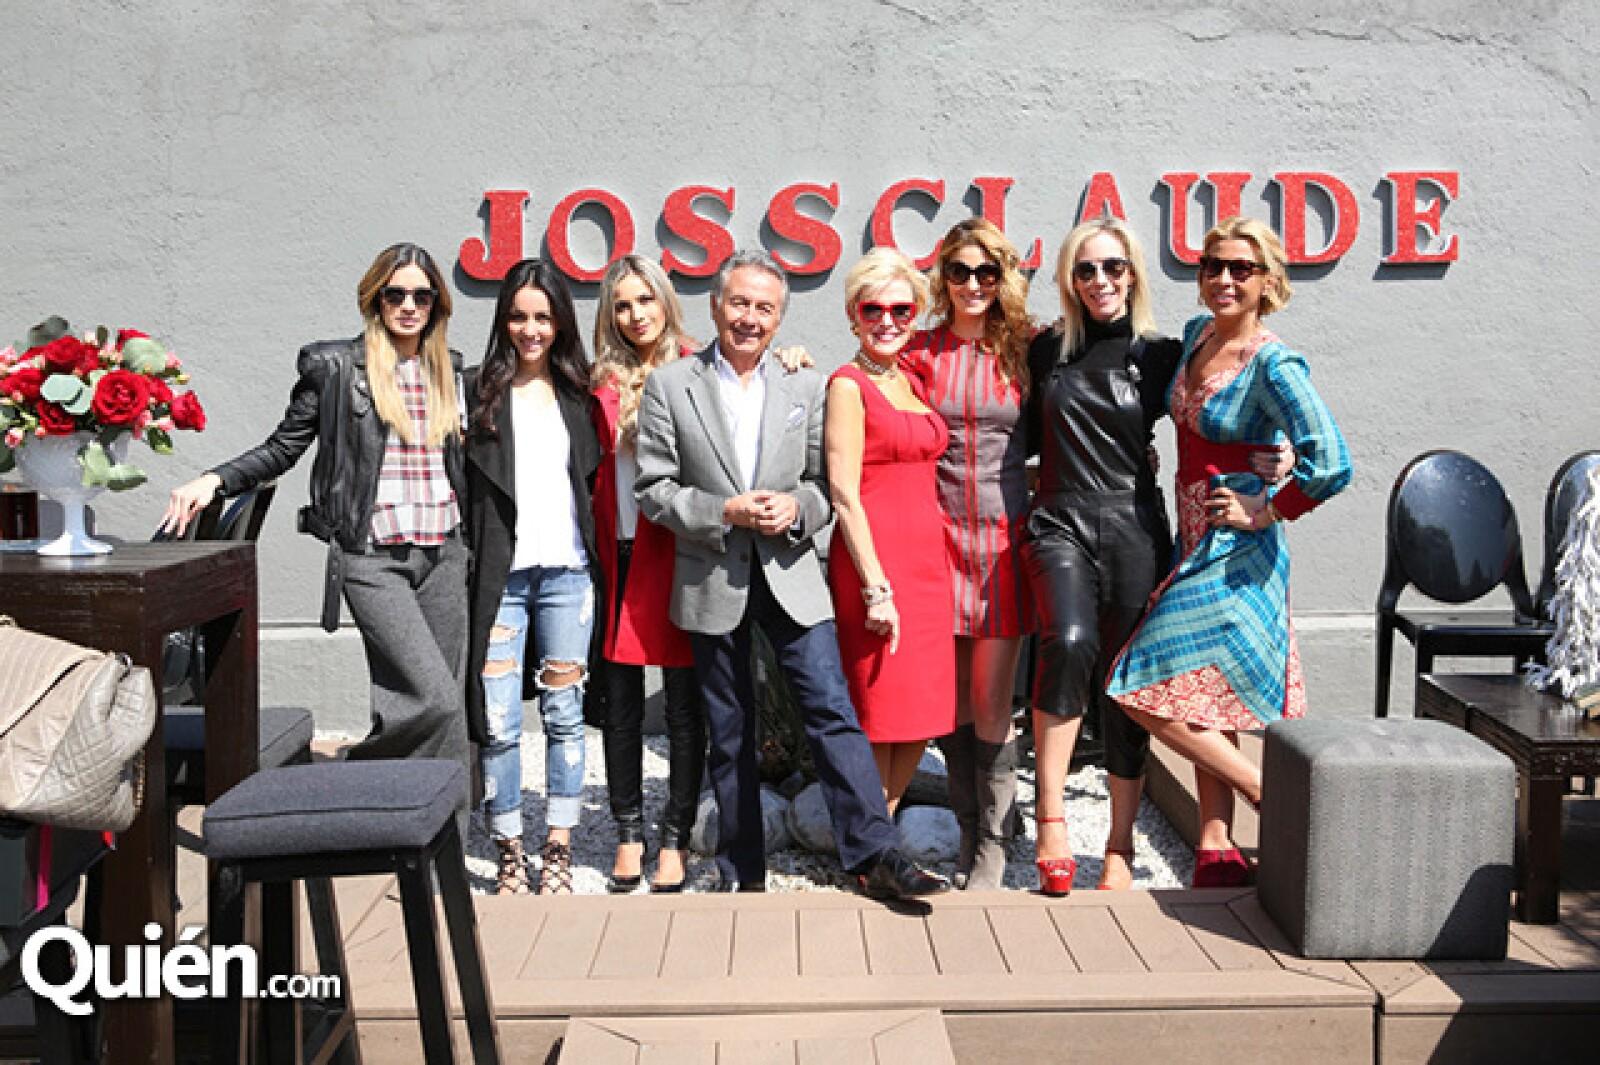 Andrea Wade,Chantal Andere,Pamela Cortes,Claude Joanin,Raquel Bessudo,Marcela Cuevas,Brenda Jaet y Beatriz Pasquel